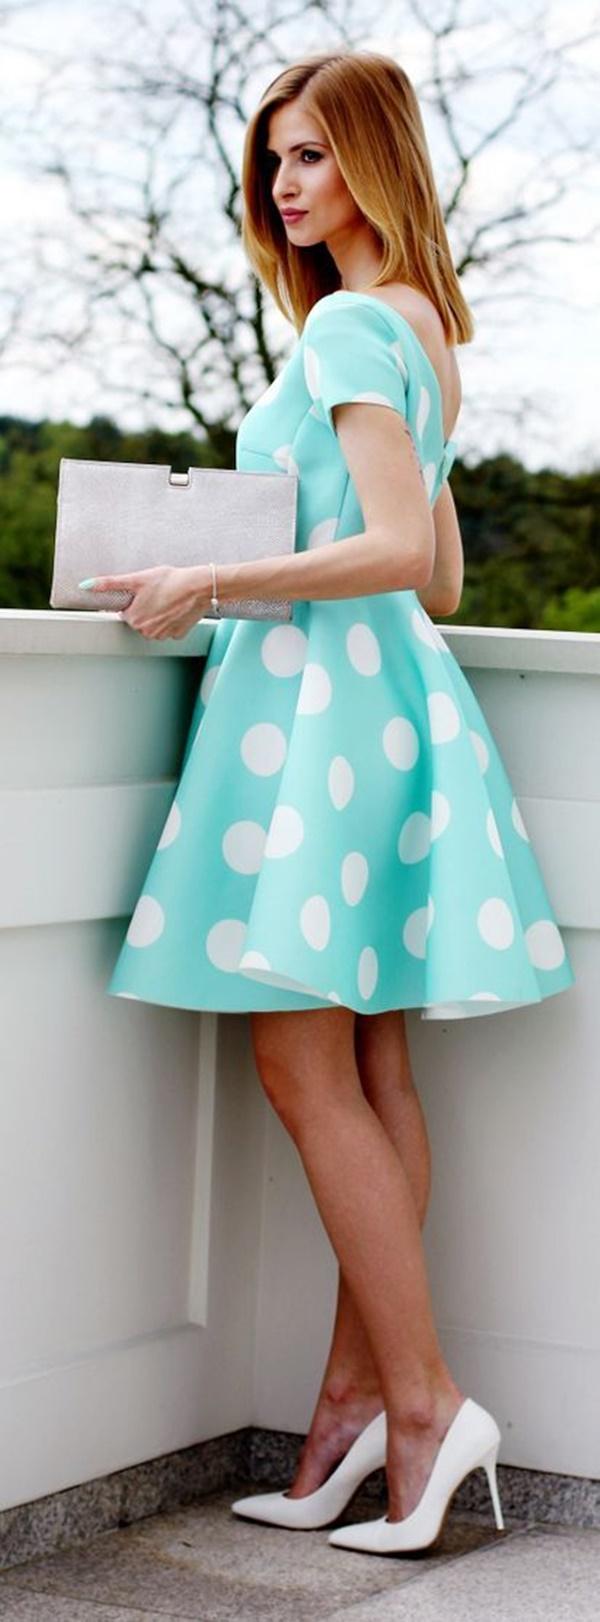 polka dots outfits (13)